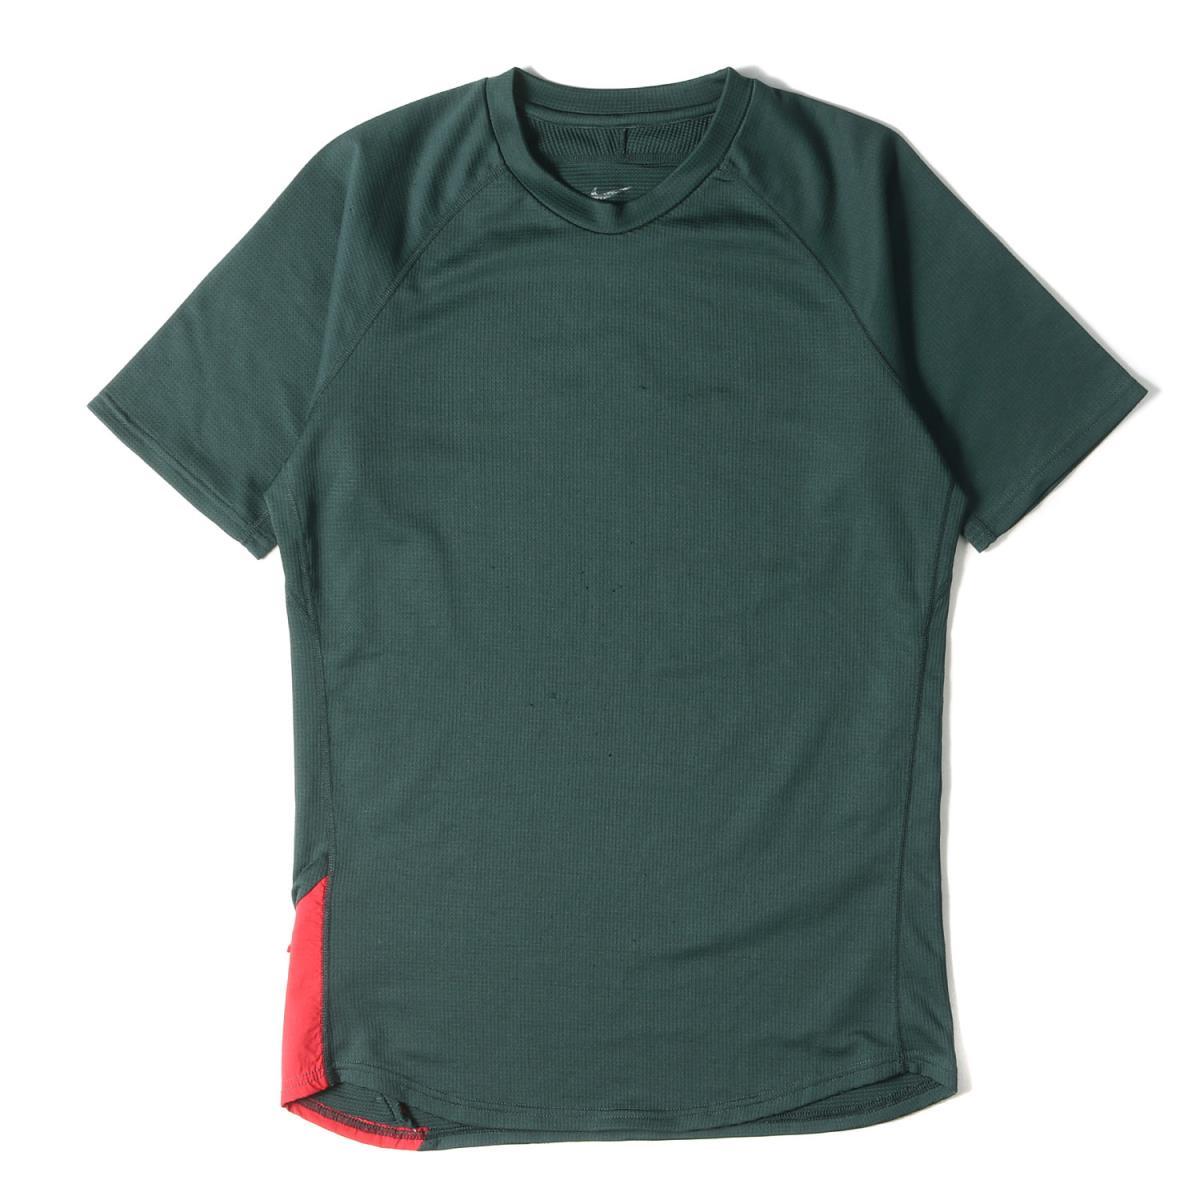 トップス, Tシャツ・カットソー UNDERCOVER T NIKE GYAKUSOU DRI-FIT T M K2970